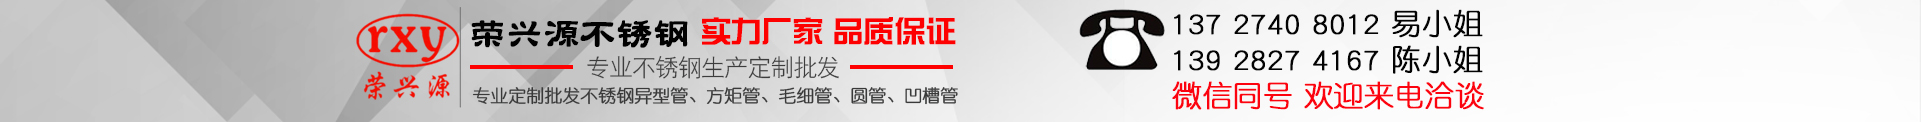 佛山市荣兴源不锈钢有限公司